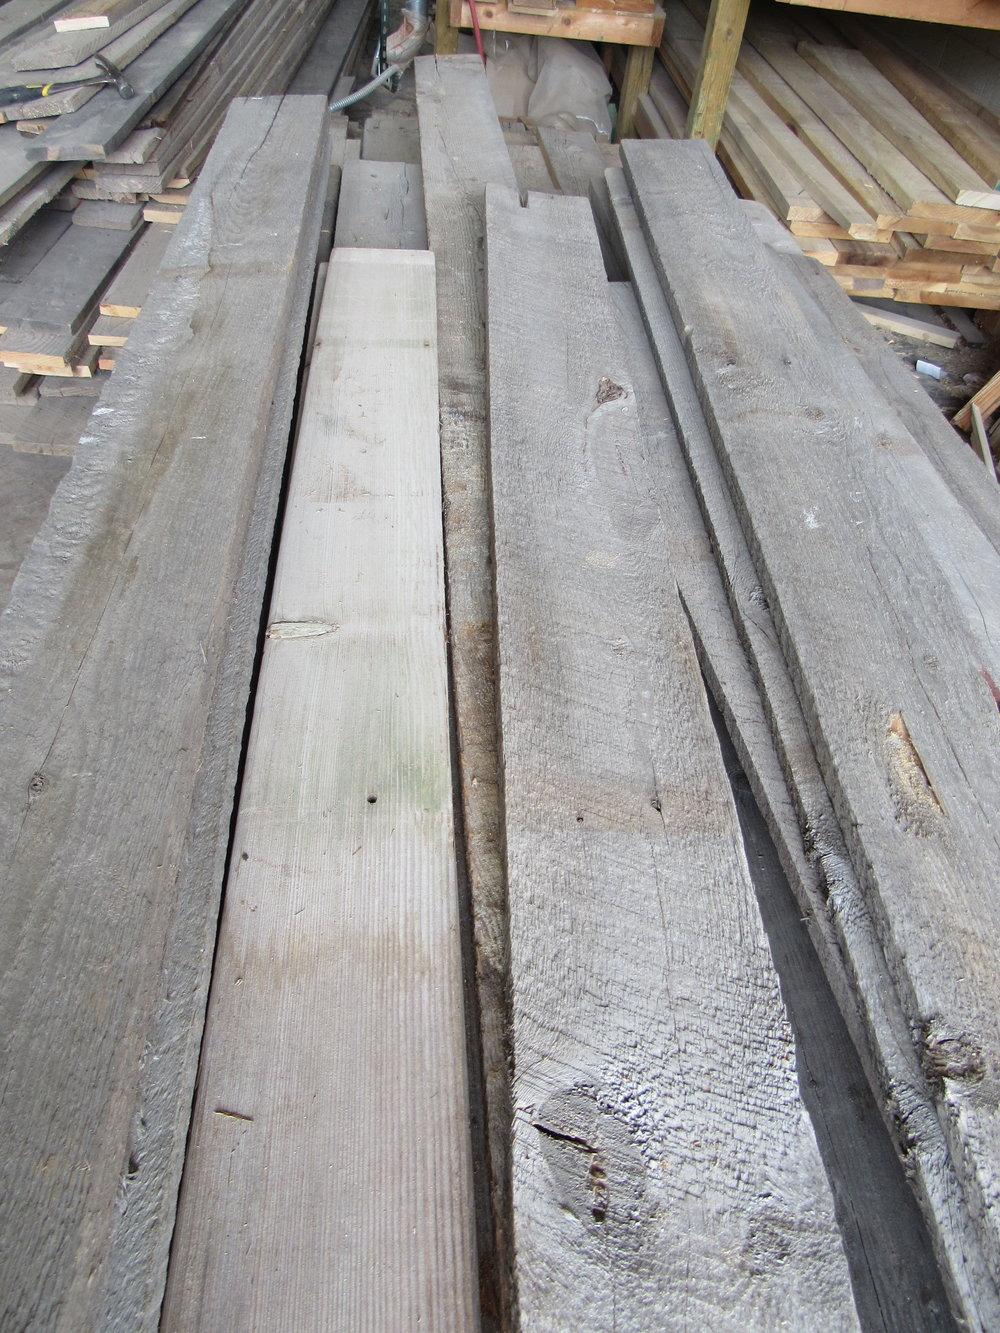 salvaged wood 2.JPG